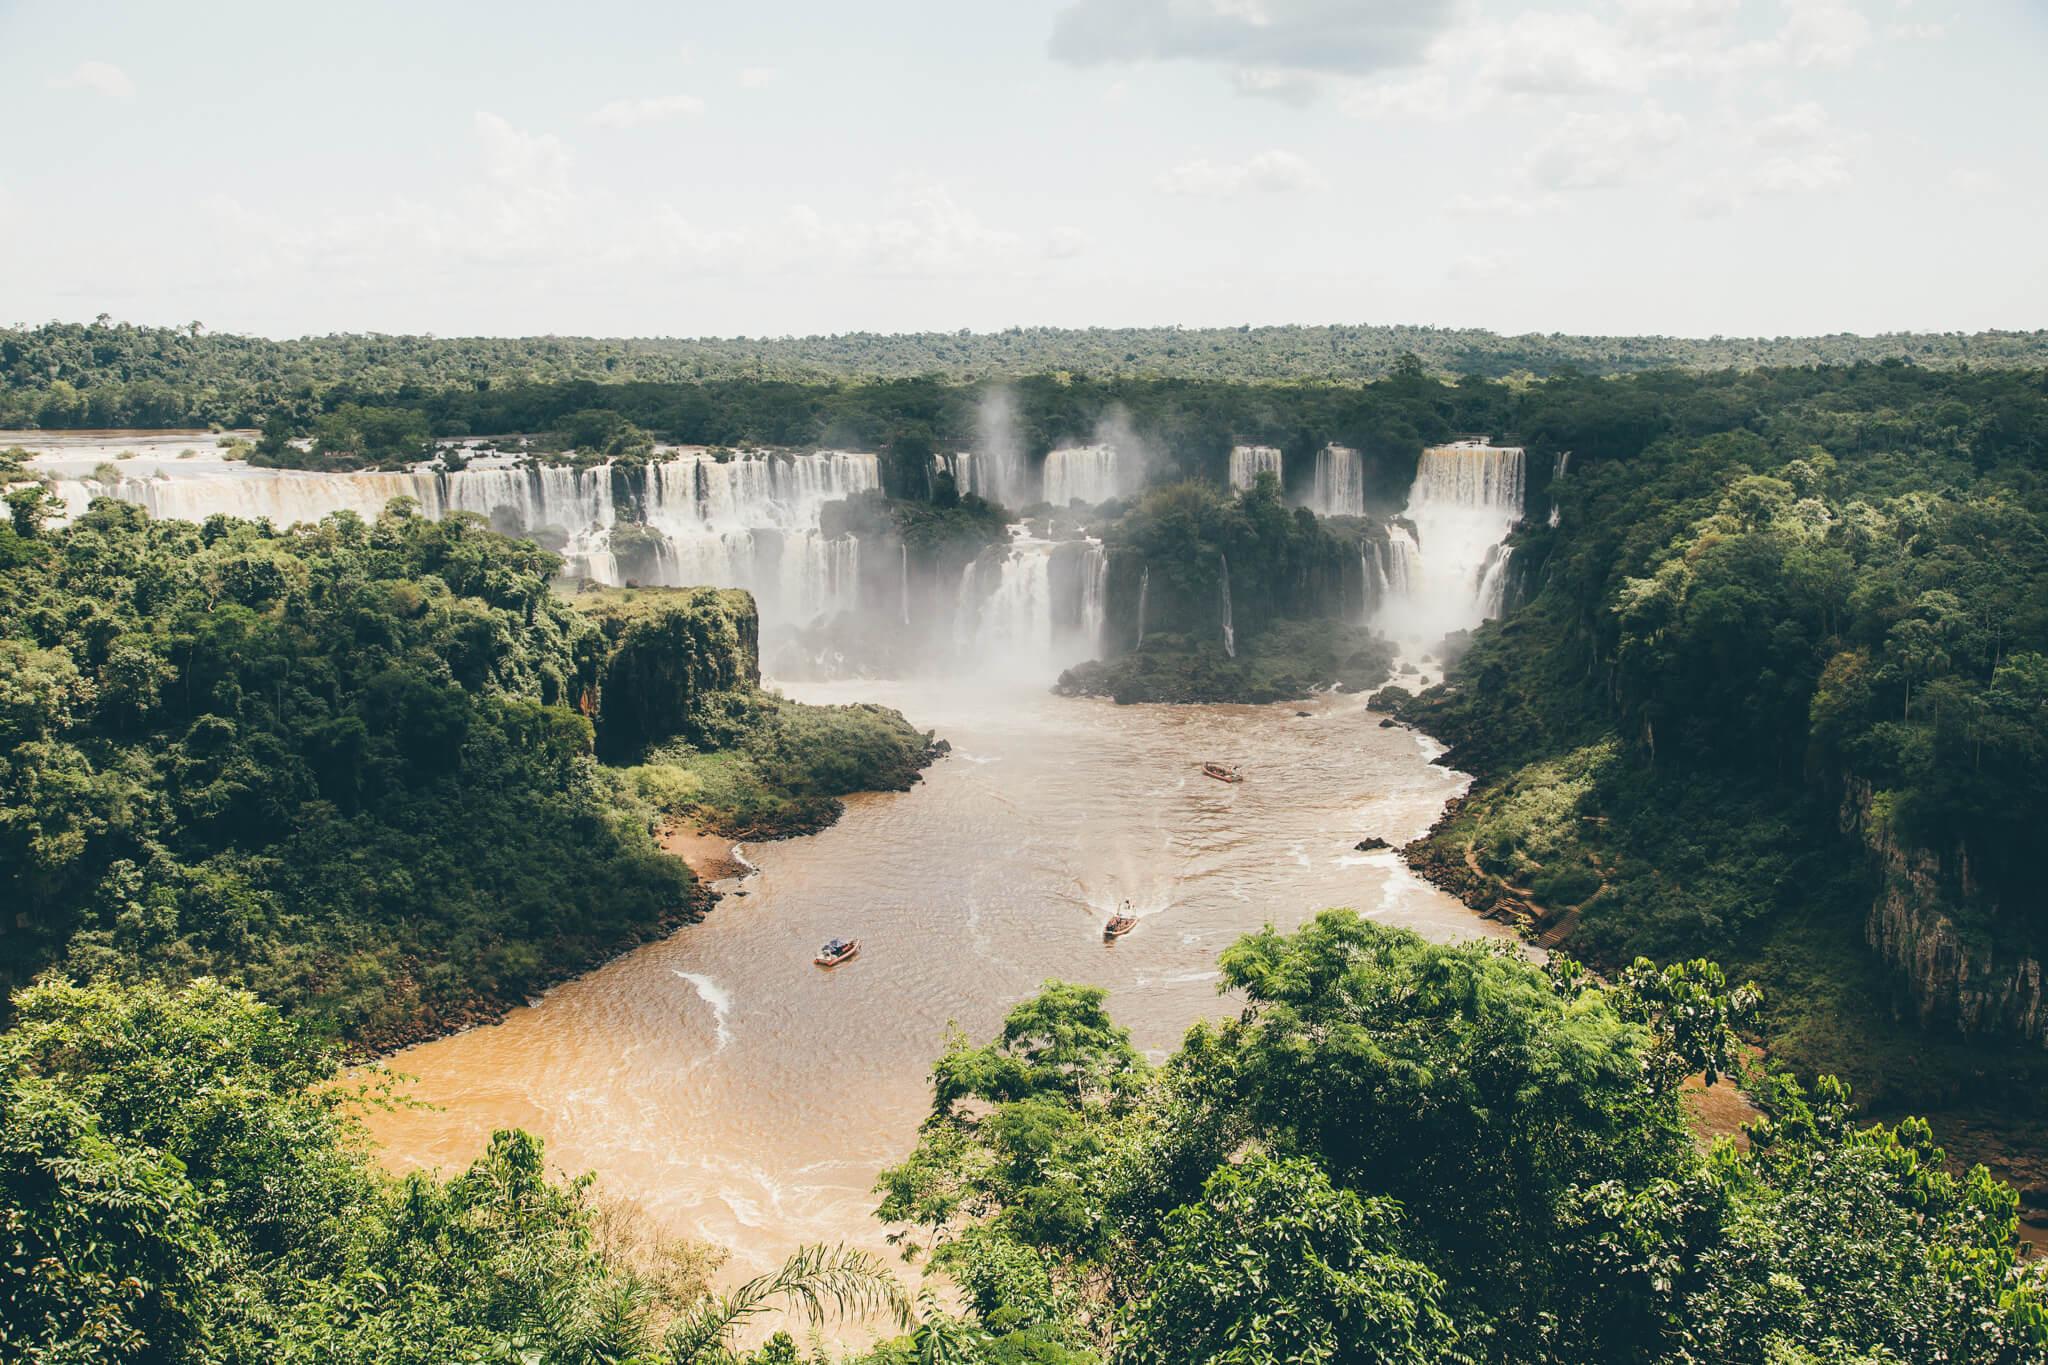 Barcos do Macuco Safari navegando no Rio Iguaçu